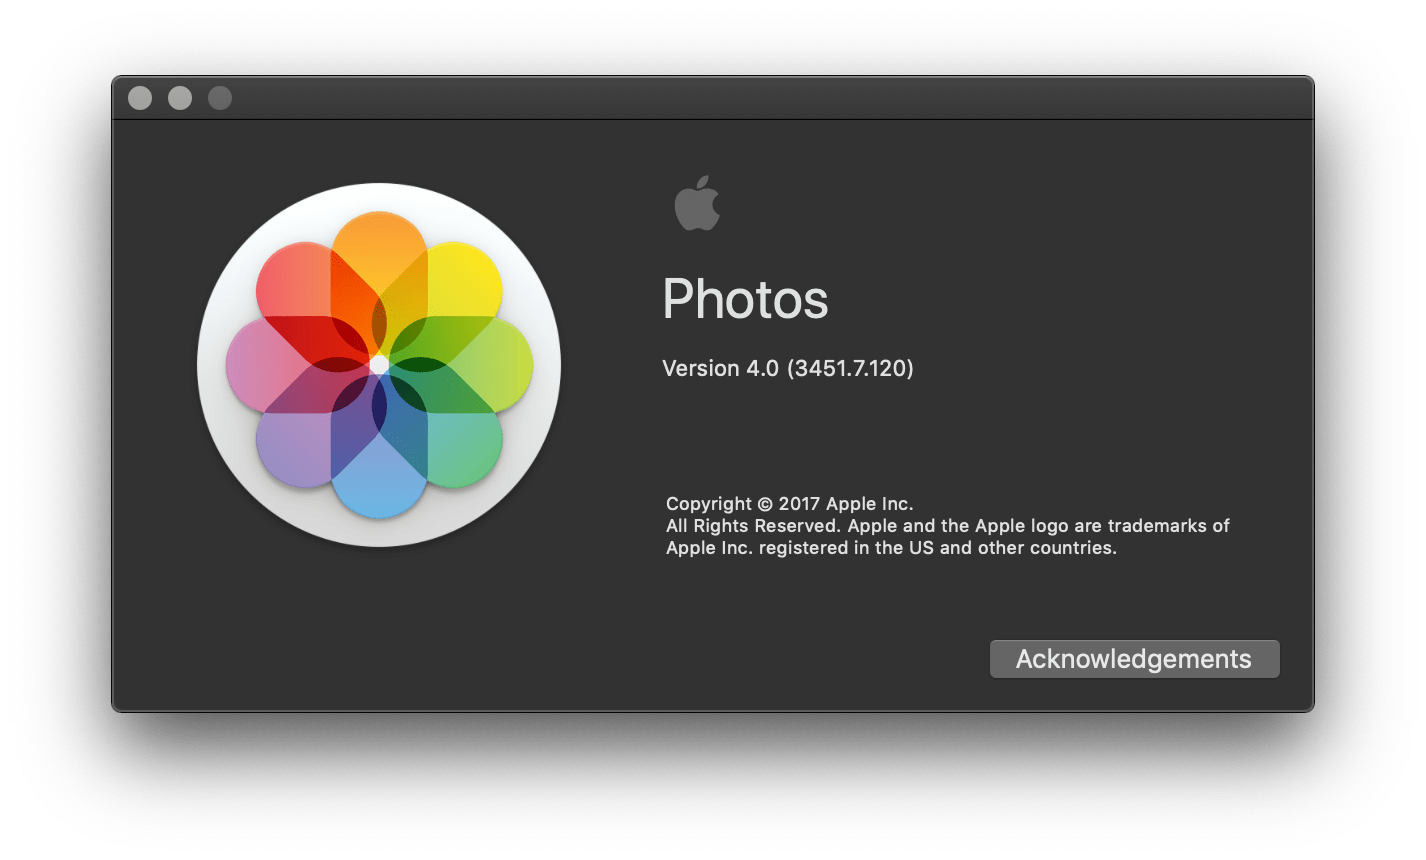 Apple photos 4